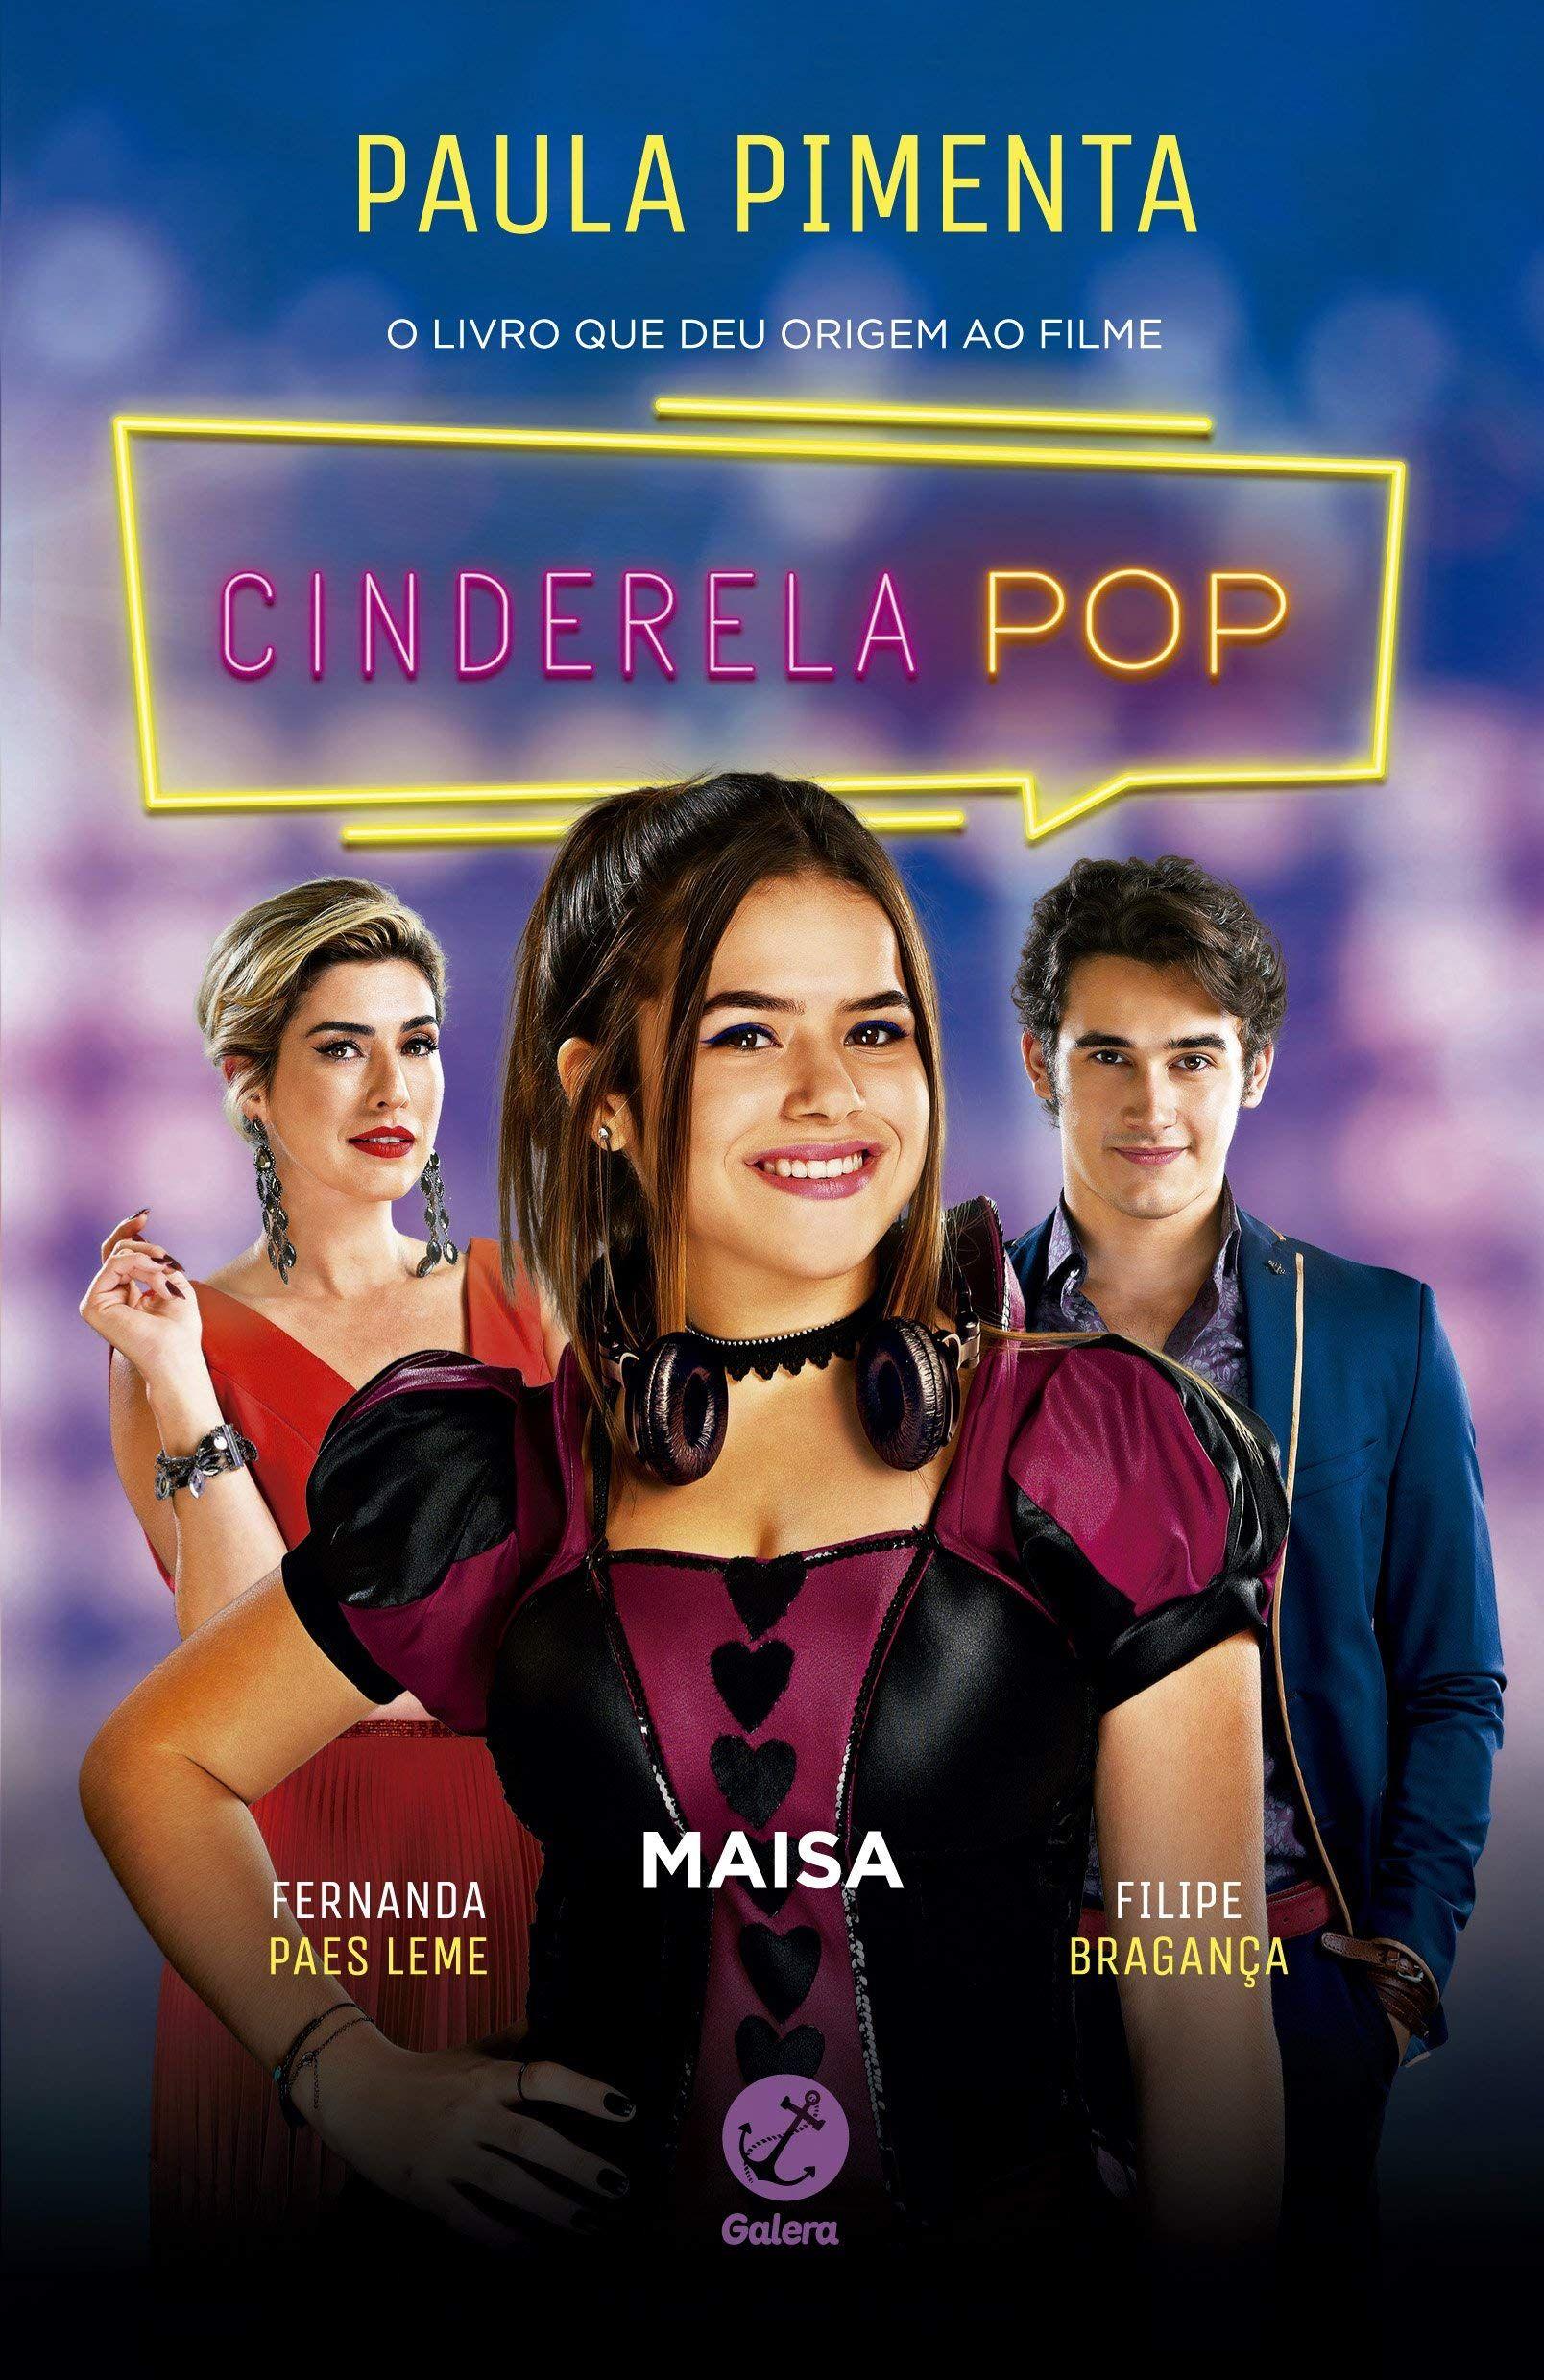 Cinderela Pop Capa Do Filme Por Paula Pimenta Sucesso De Vendas No Brasil Cinderela Pop Conto De Fadas Repa Cinderela Filmes Filmes Completos Online